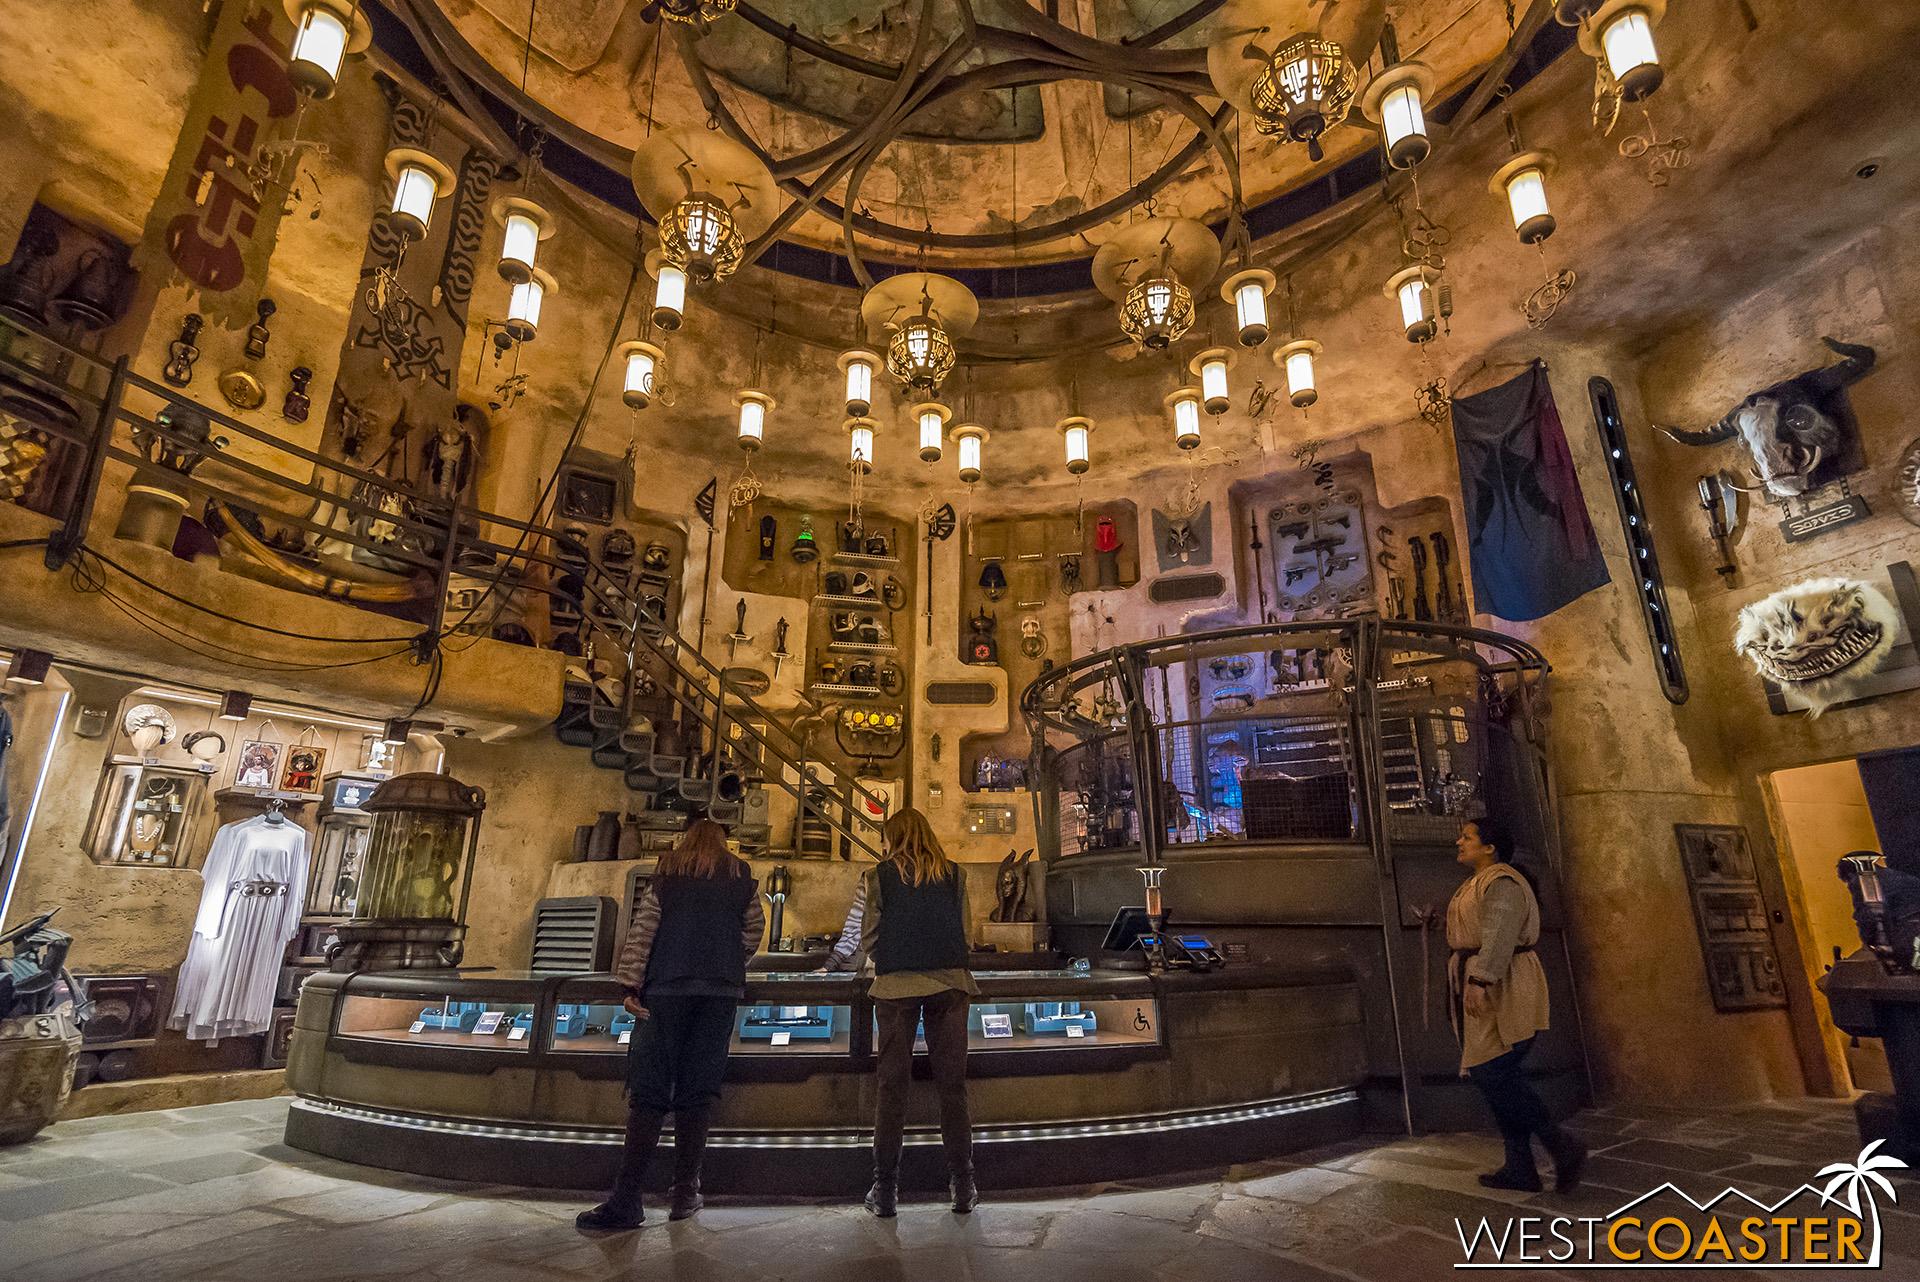 Dok-Ondar's Den of Antiquities has a plethora of treasures.